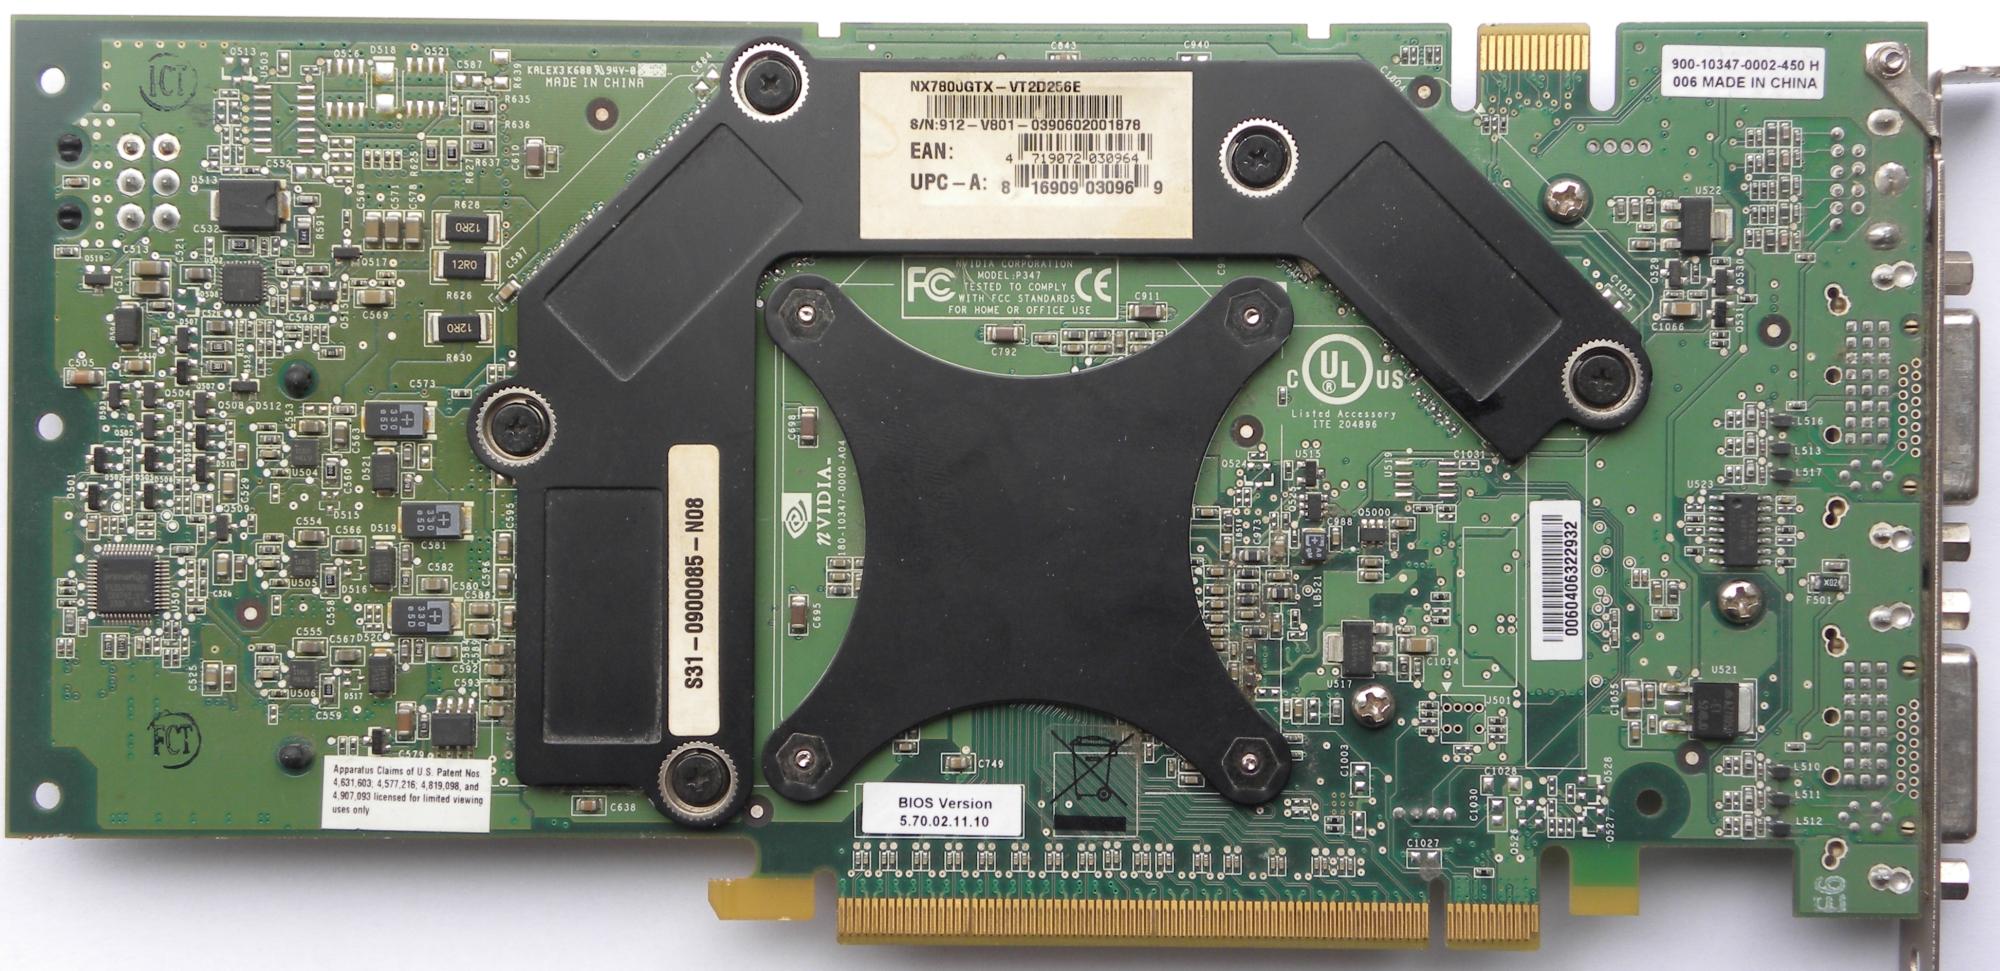 MSI NX7800GTX-VT2D256E (LITE) (Lite) GeForce 7800GTX 256MB 256-bi